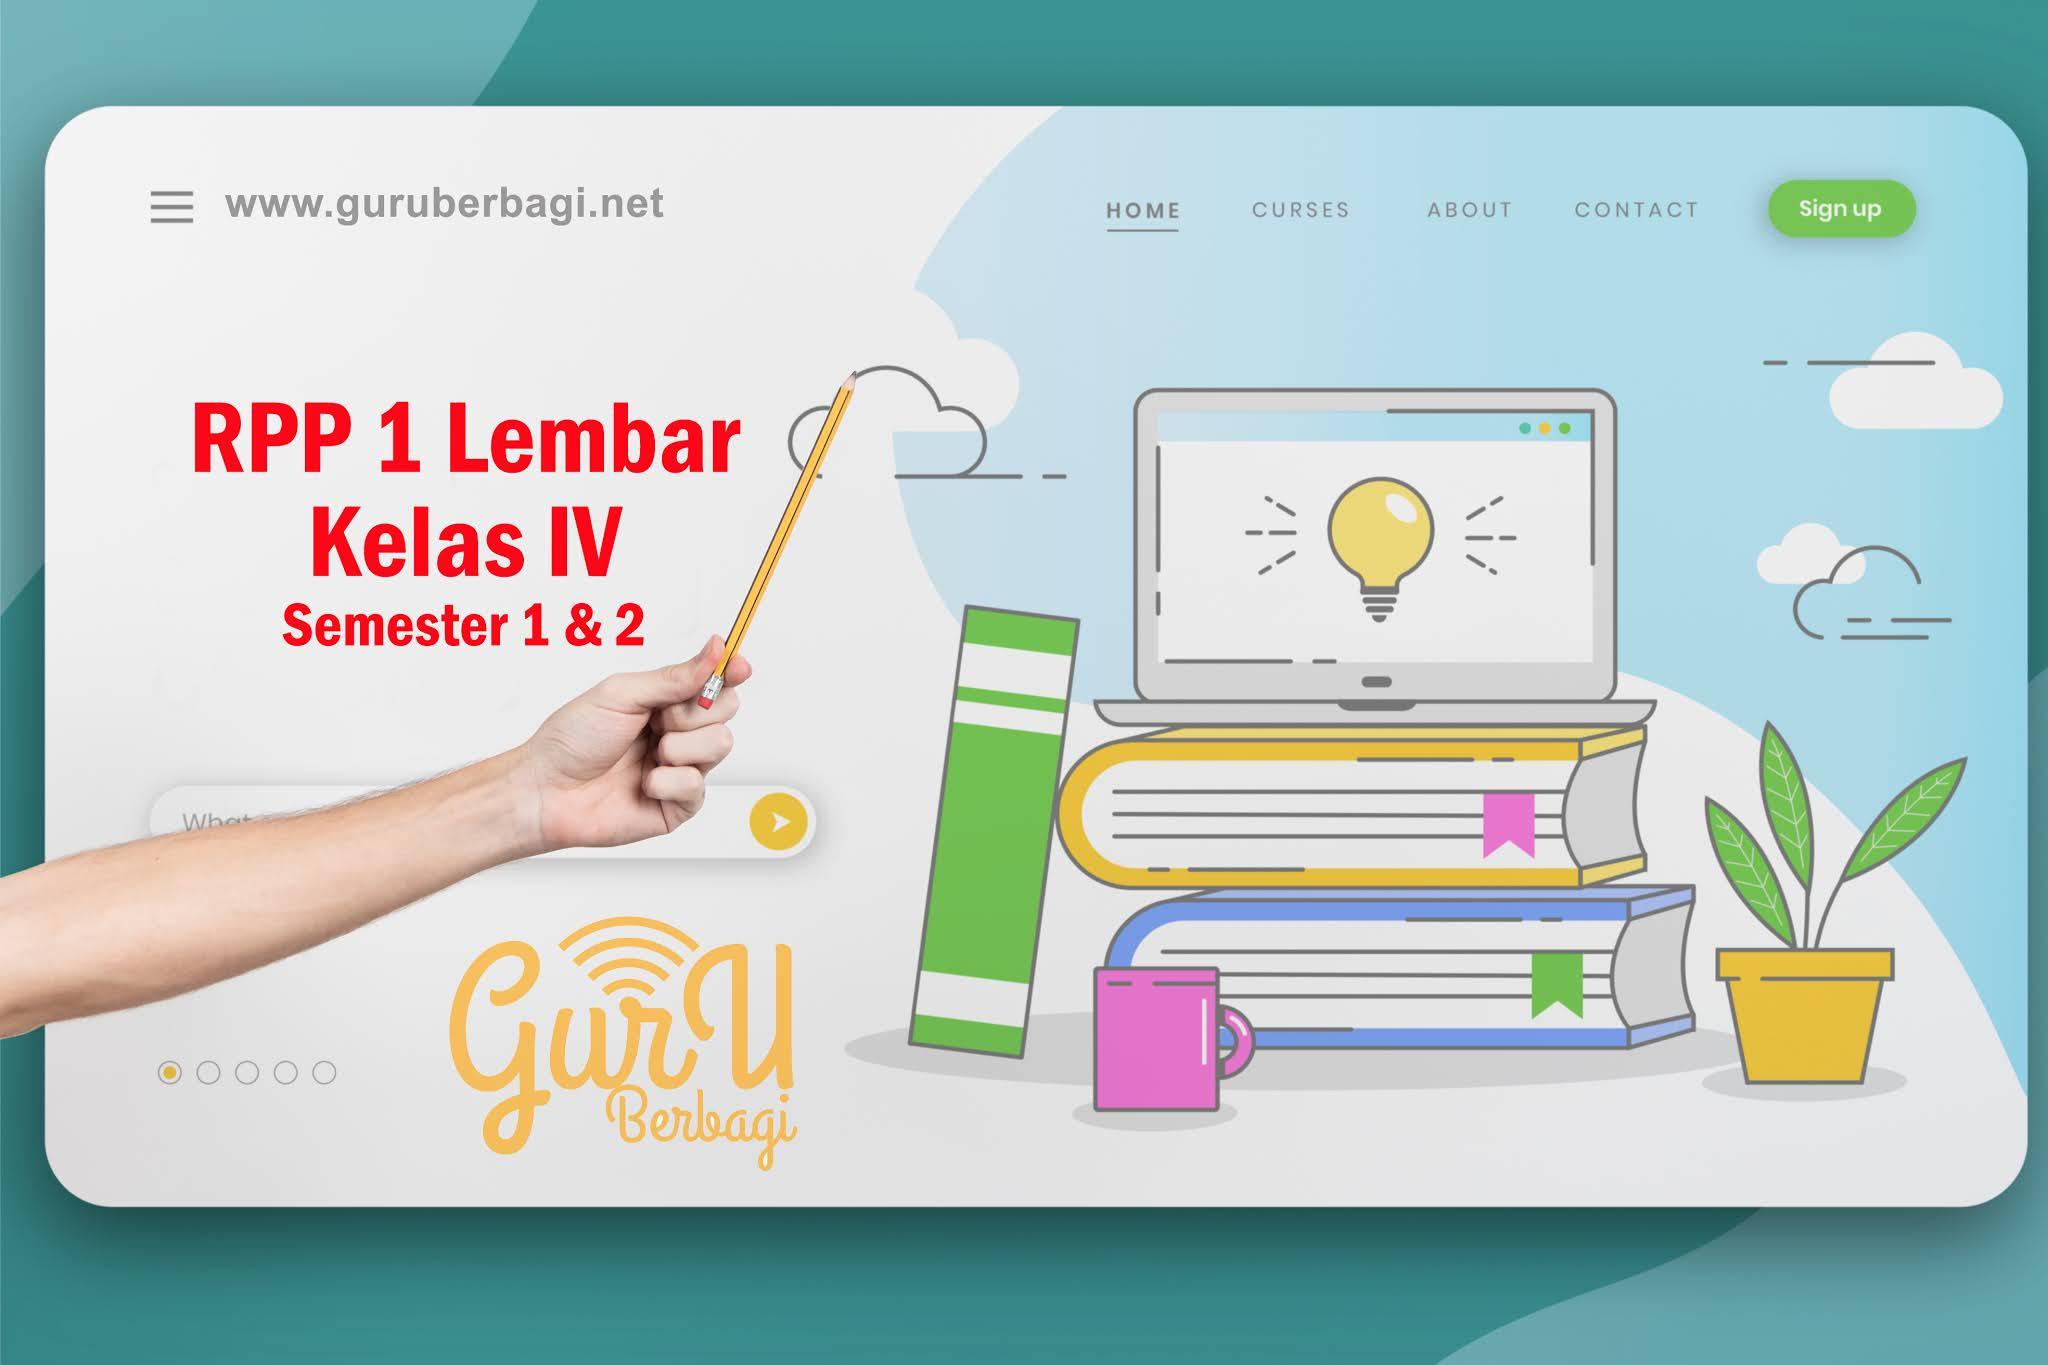 Rpp 1 Lembar Kelas 4 Semester 1 Dan 2 Revisi 2020 2021 Guru Berbagi